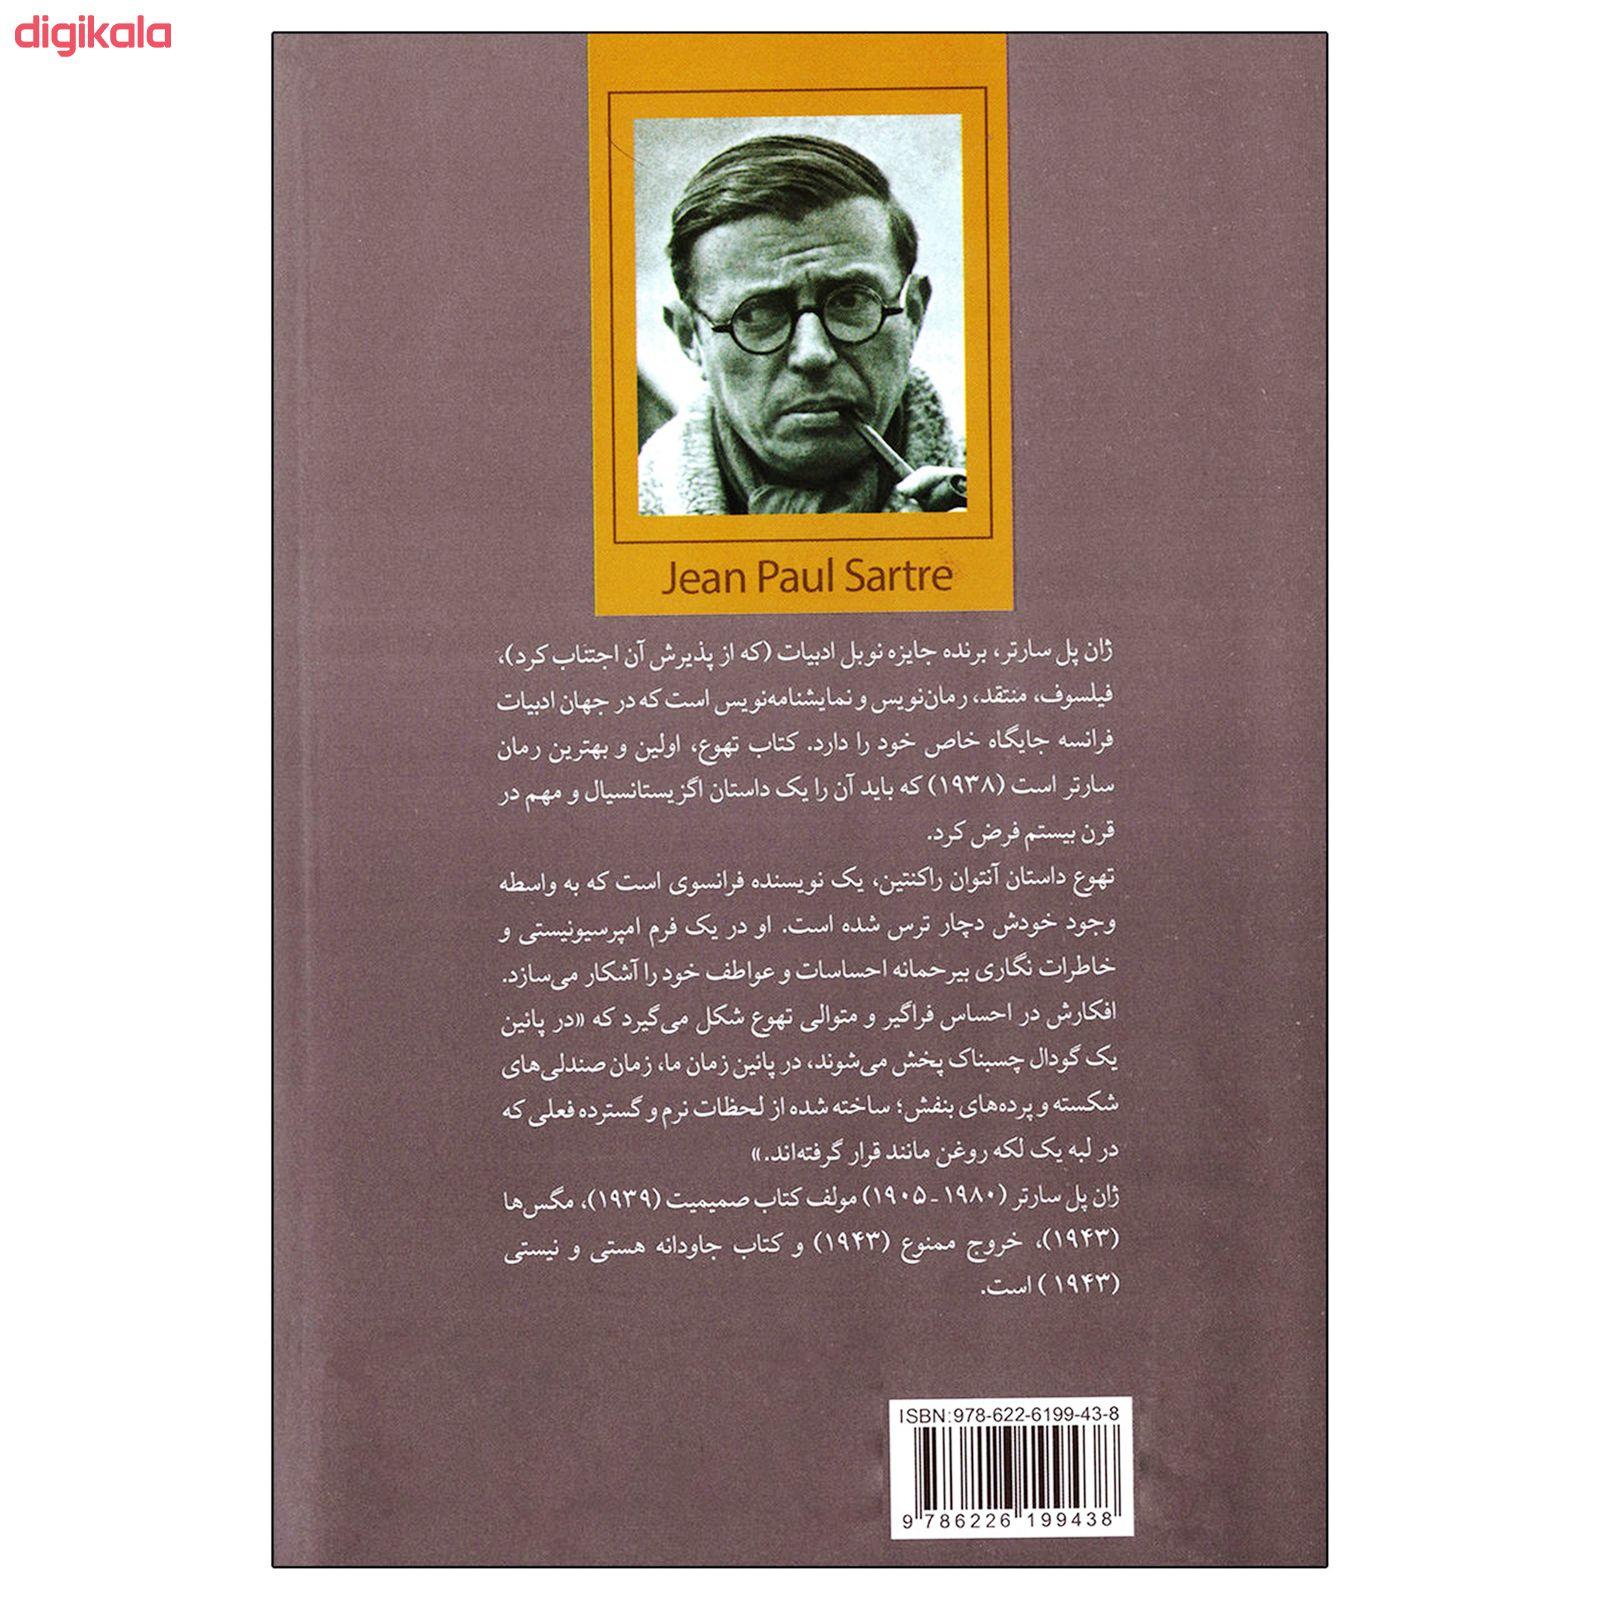 كتاب تهوع اثر ژان پل سارتر انتشارات باران خرد main 1 5